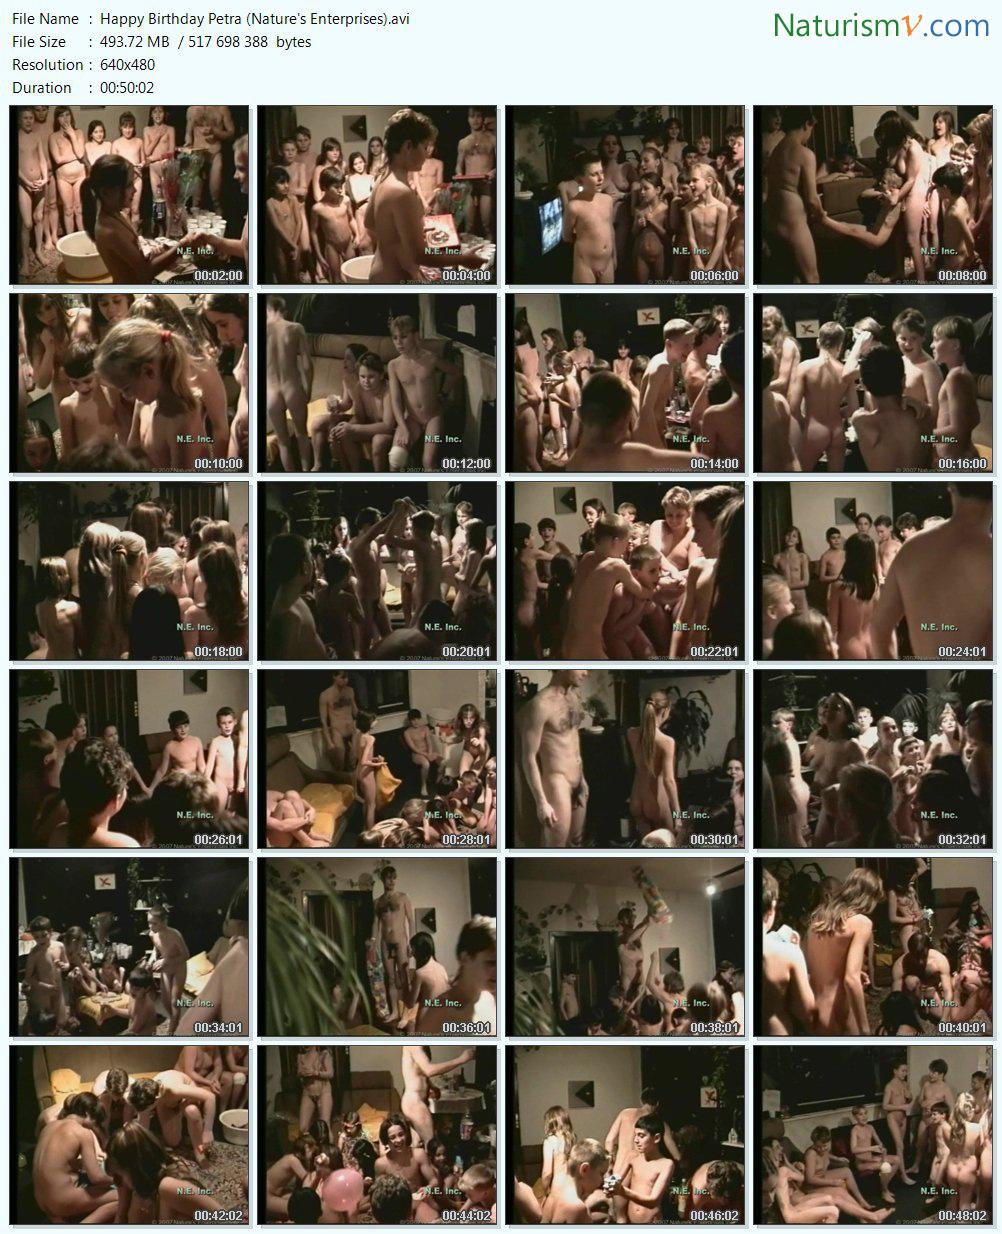 Много фильмов о НудизмеНатуризме  bolgarin72